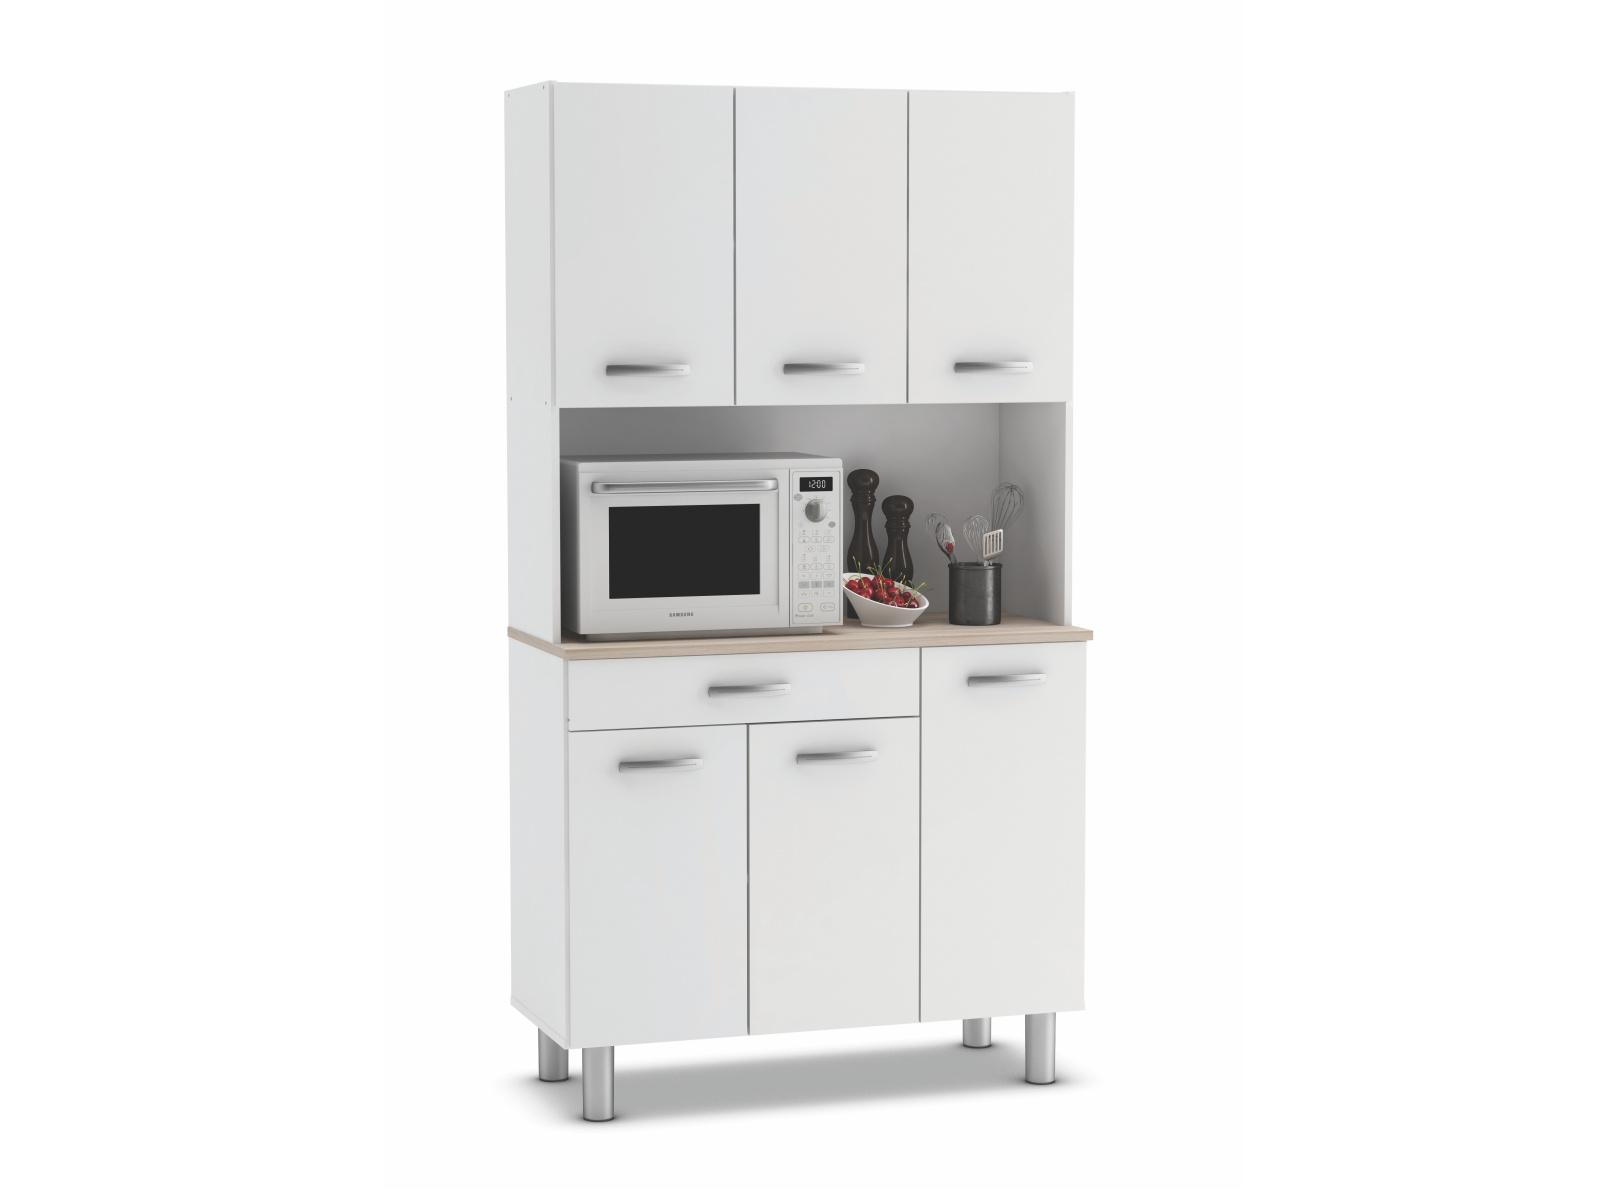 PASTA, kuchyňská skříňka, bílá/akát, kuchyňská skříňka, bílá/akát